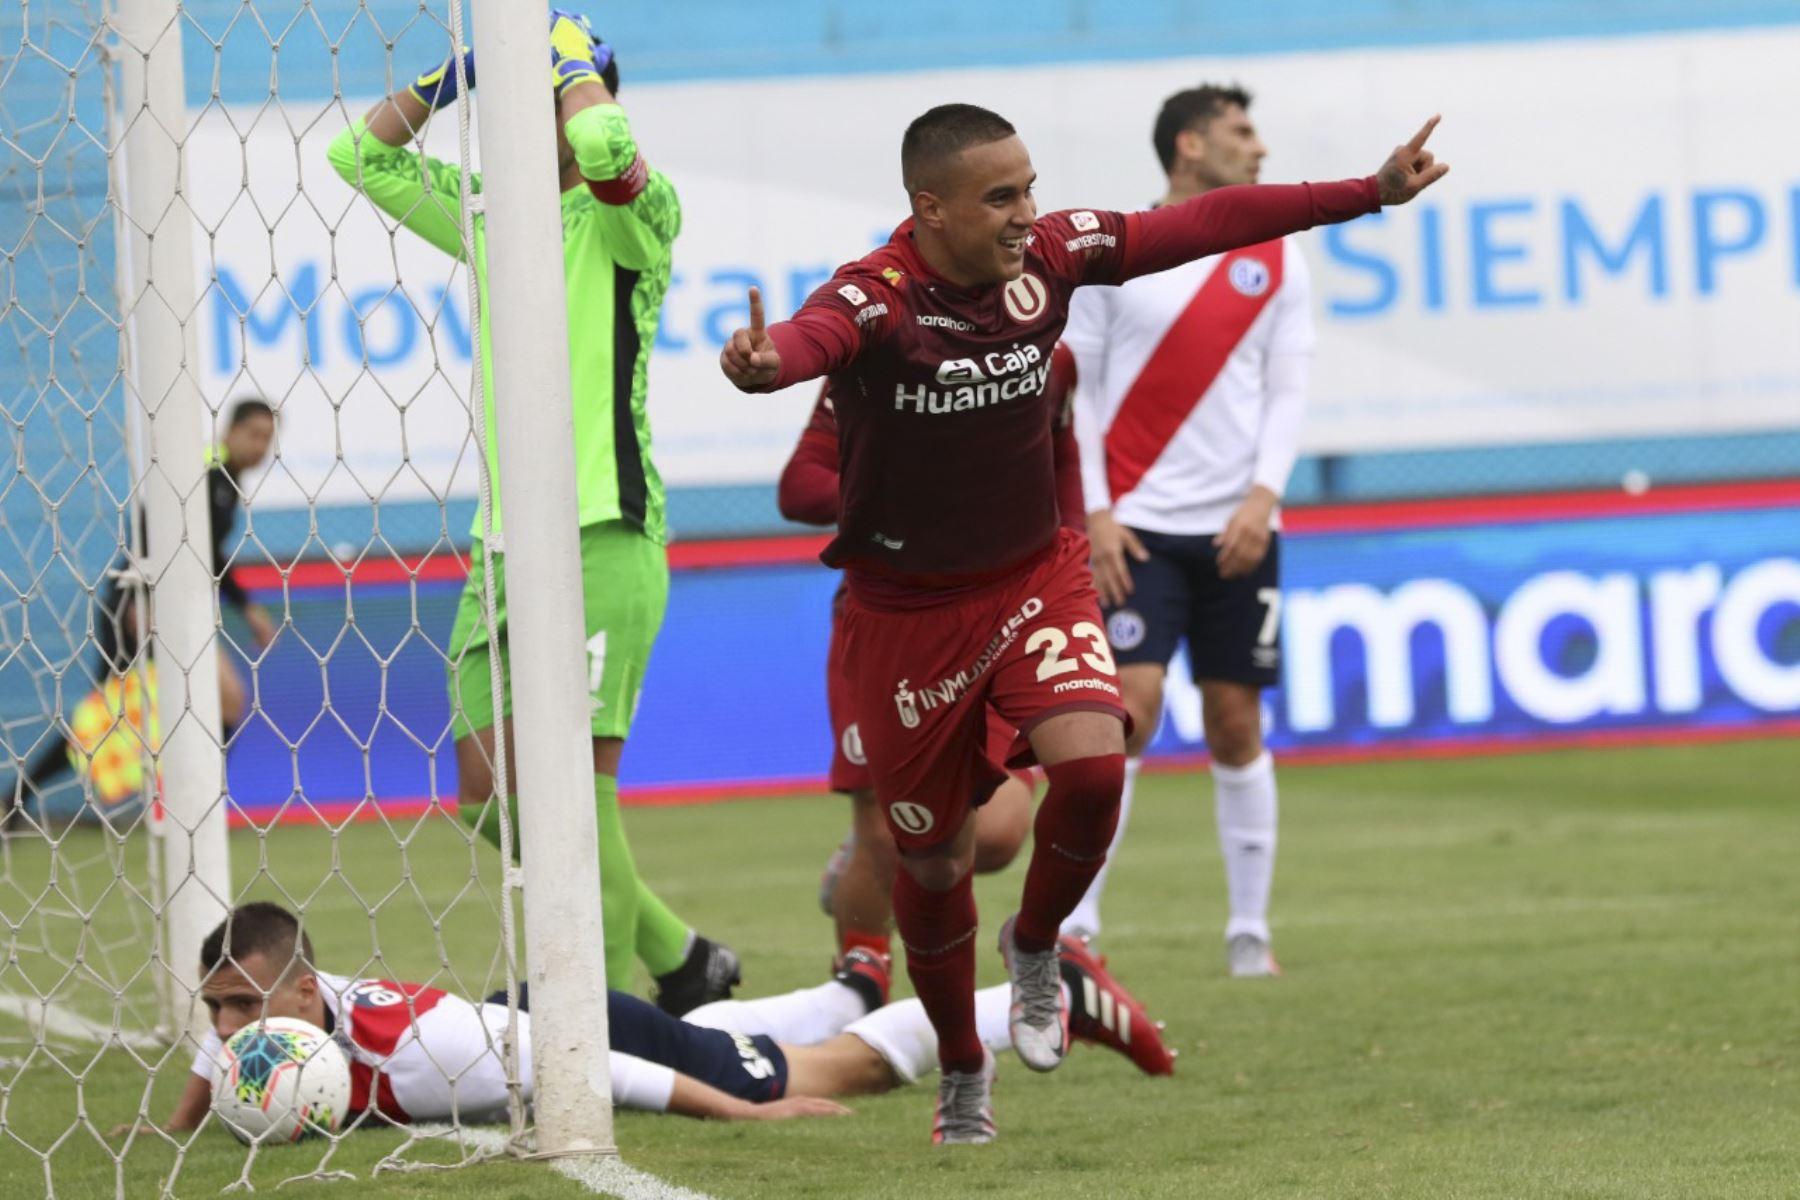 Celebración de Jesús Barco luego de anotar en la goleada de Universitario de Deportes a Deportivo Municipal que culminó 5-0 por la fecha 15 del Torneo Apertura de la Liga 1.   Foto: FPF